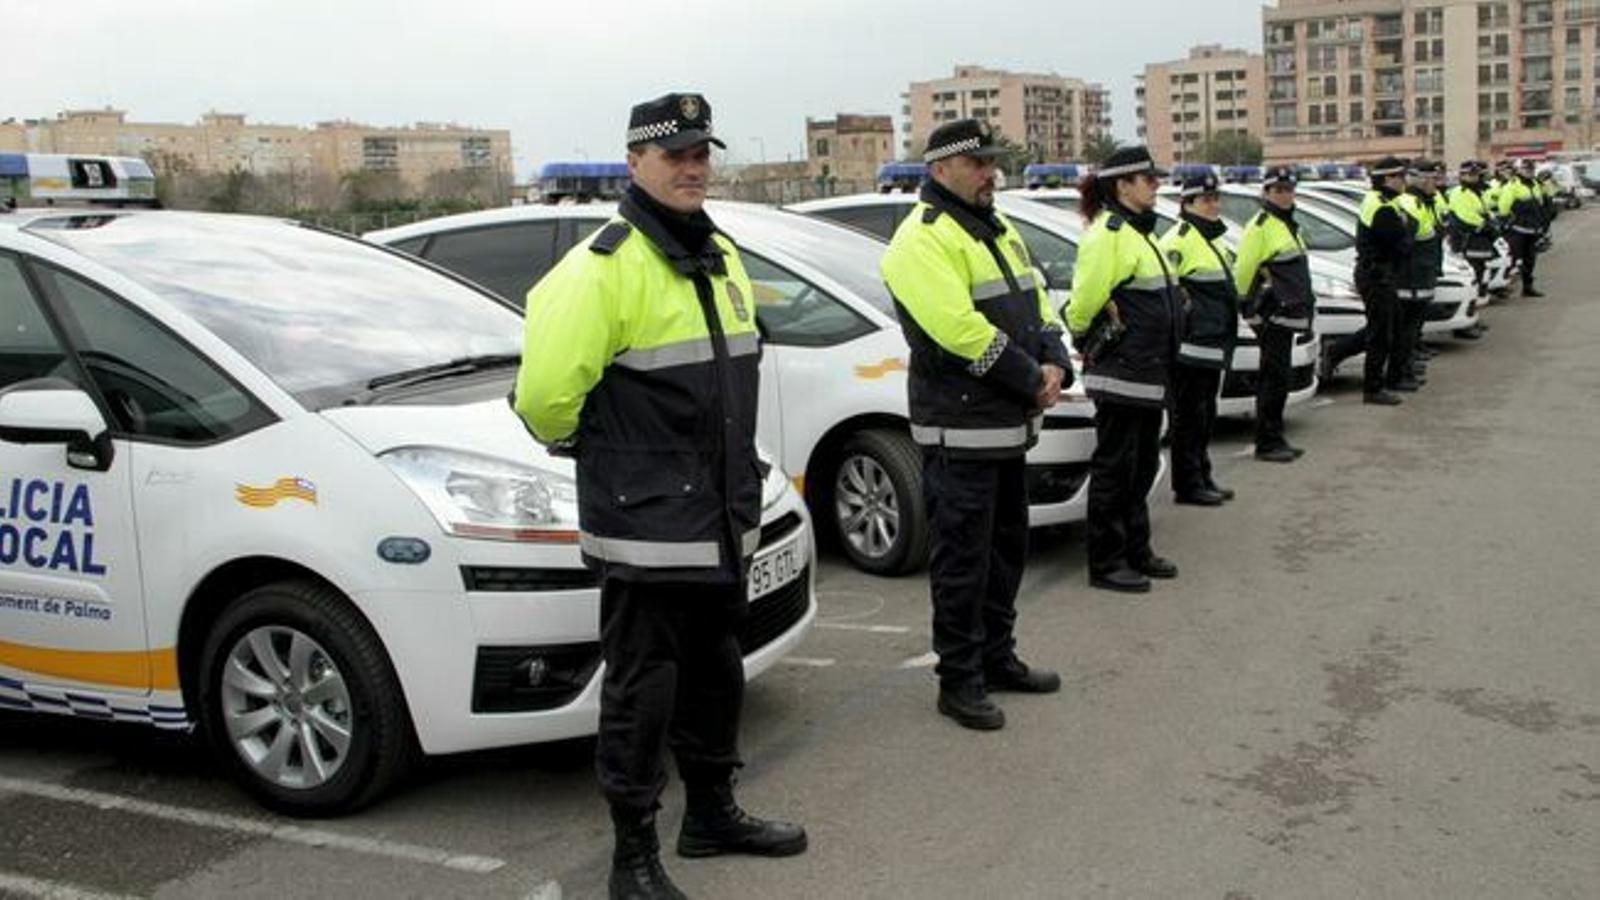 Imatge d'arxiu de la Policia Local de Palma